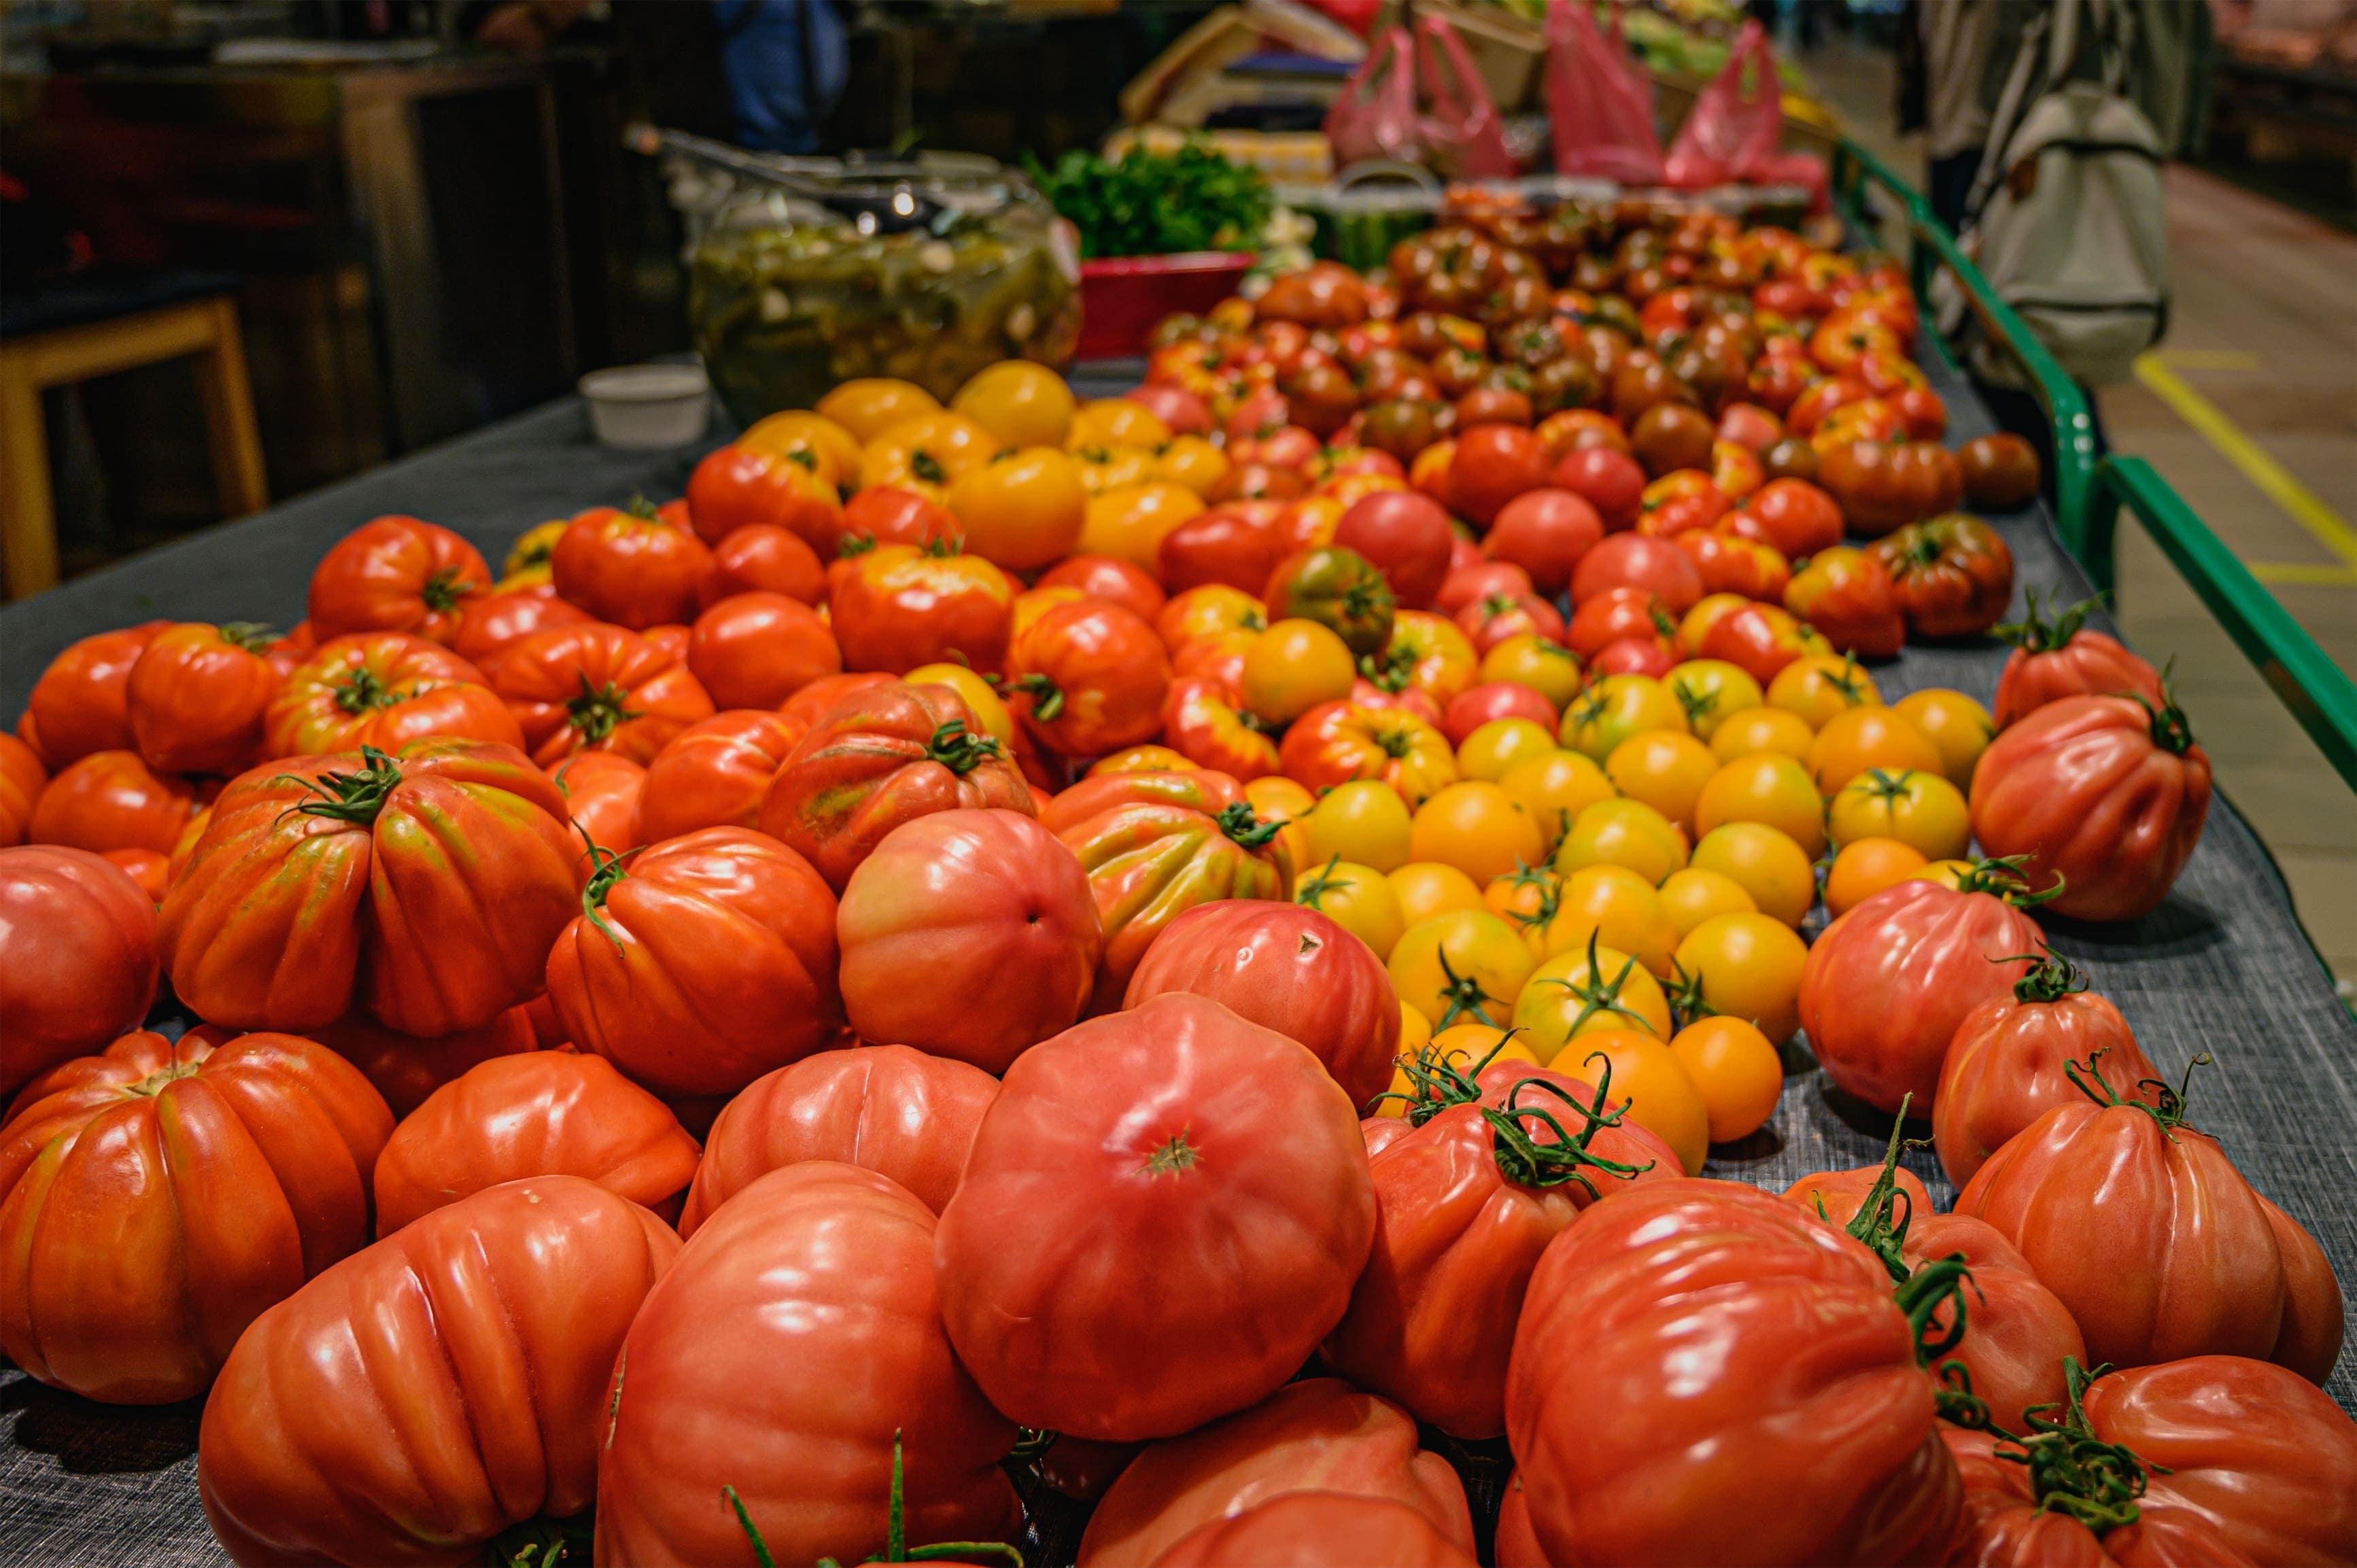 2020 yılında domates ihracatında %20 büyüme yaşayan Meksika'da, büyüme bu yılın ilk çeyreğinde de devam etti.